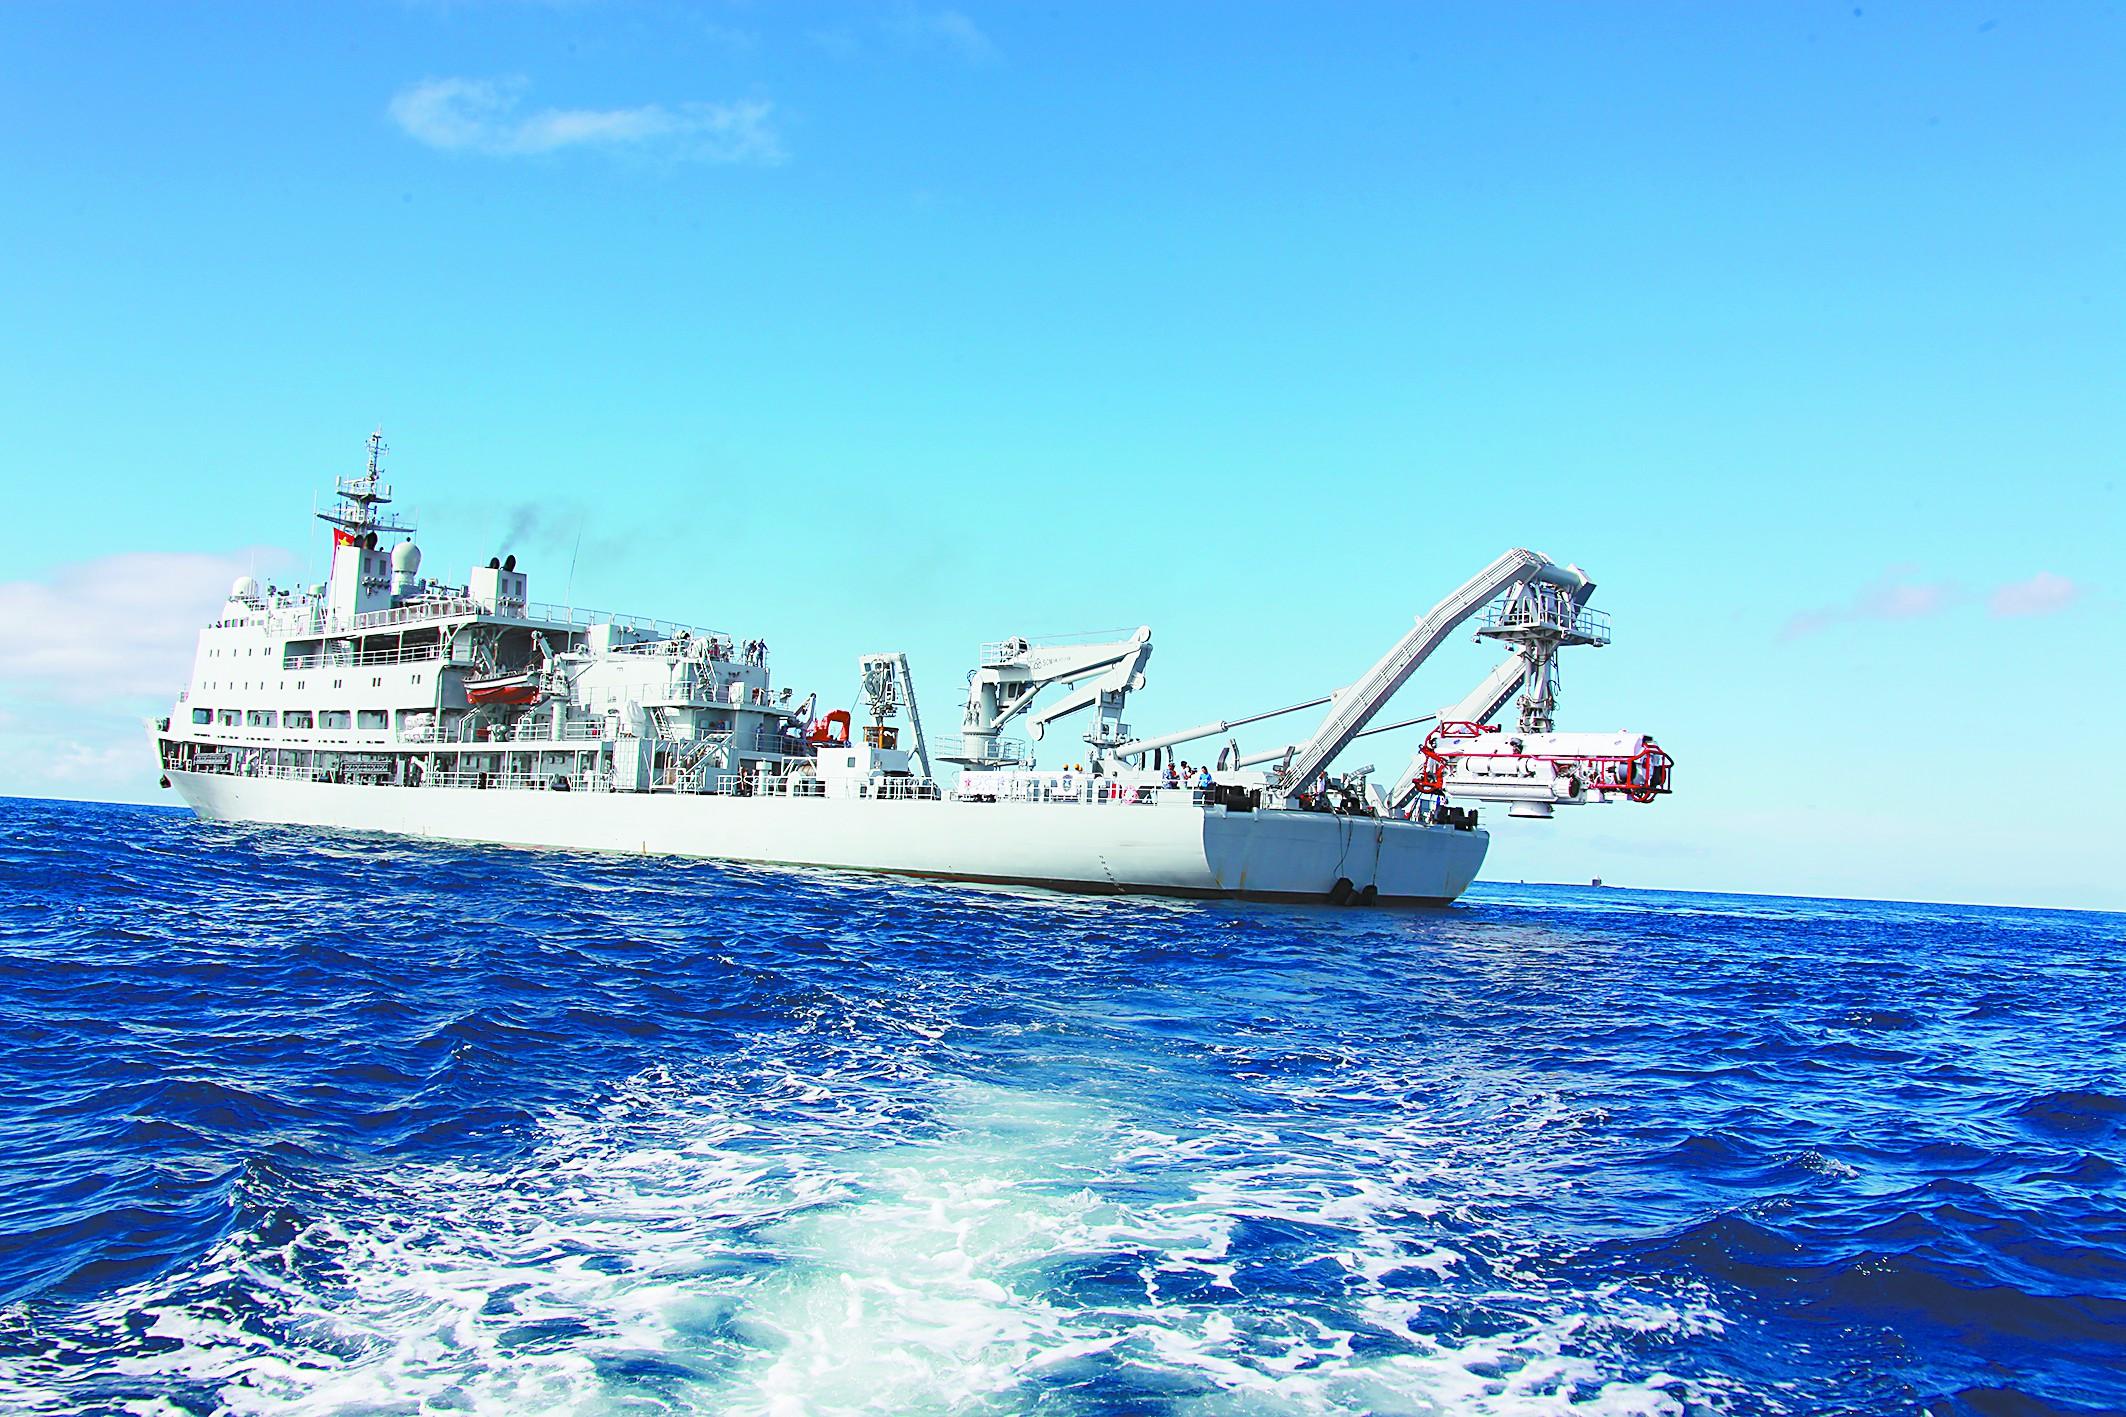 中国国产潜艇救援船实现全电推进 外方赞不绝口